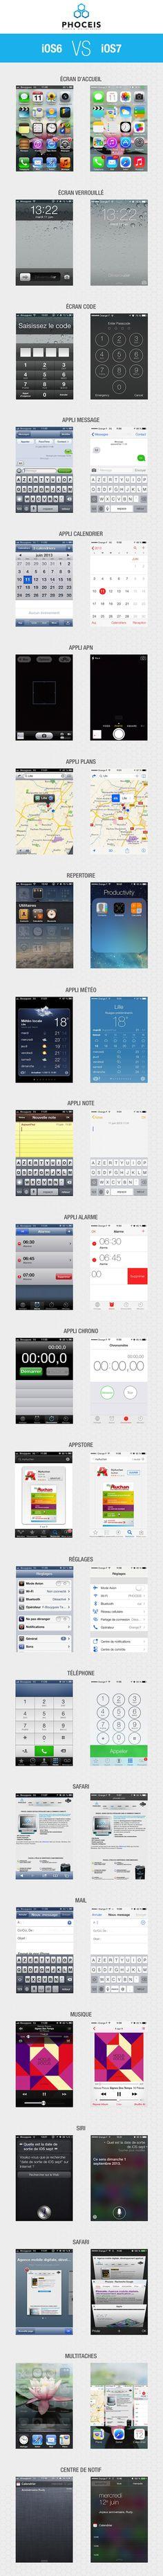 iOS 6 VS iOS7